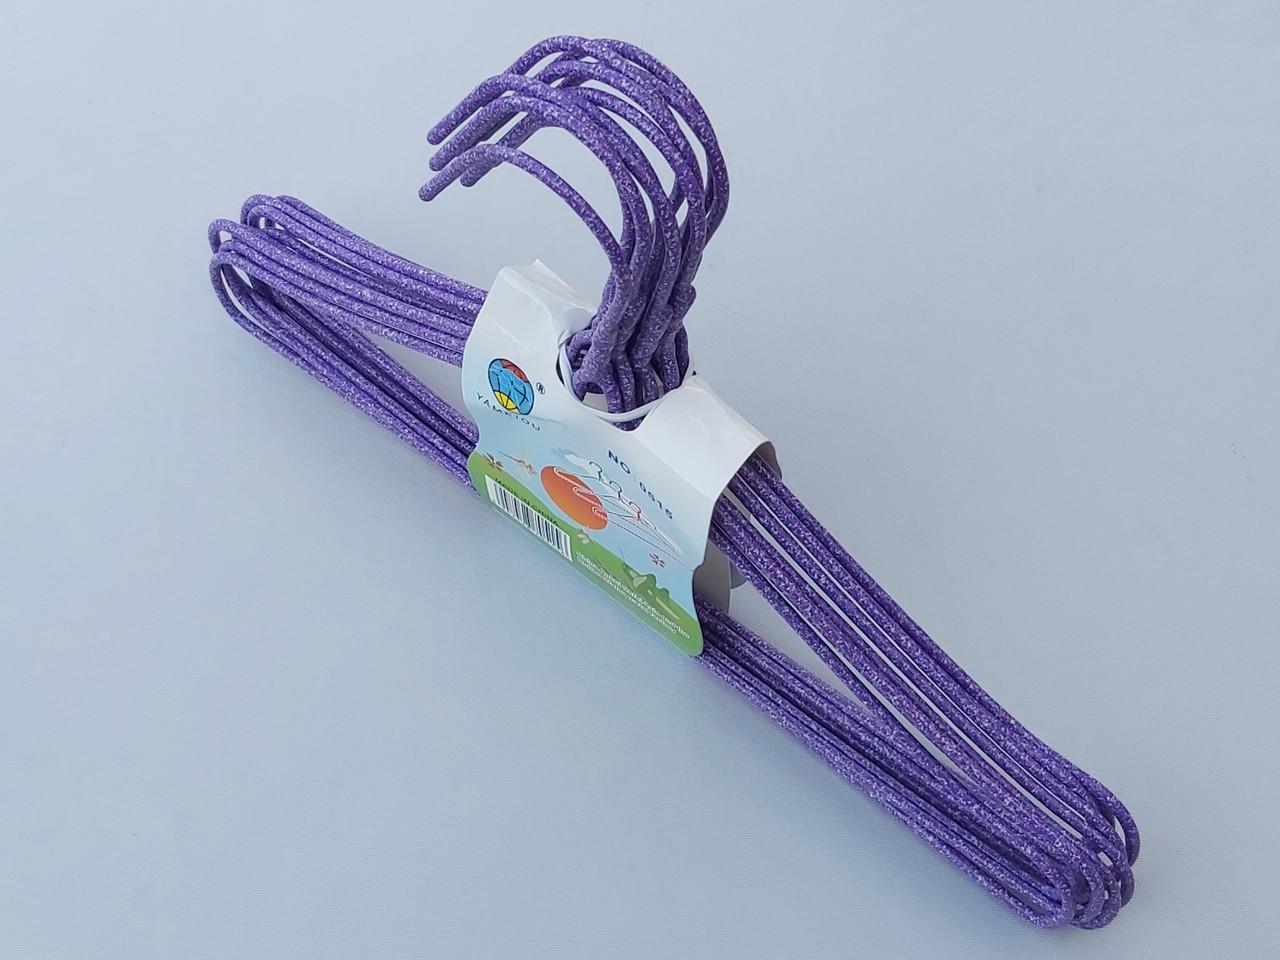 Плічка дитячі дріт в порошкового фарбування фіолетового кольору, довжина 29 см, в упаковці 10 штук